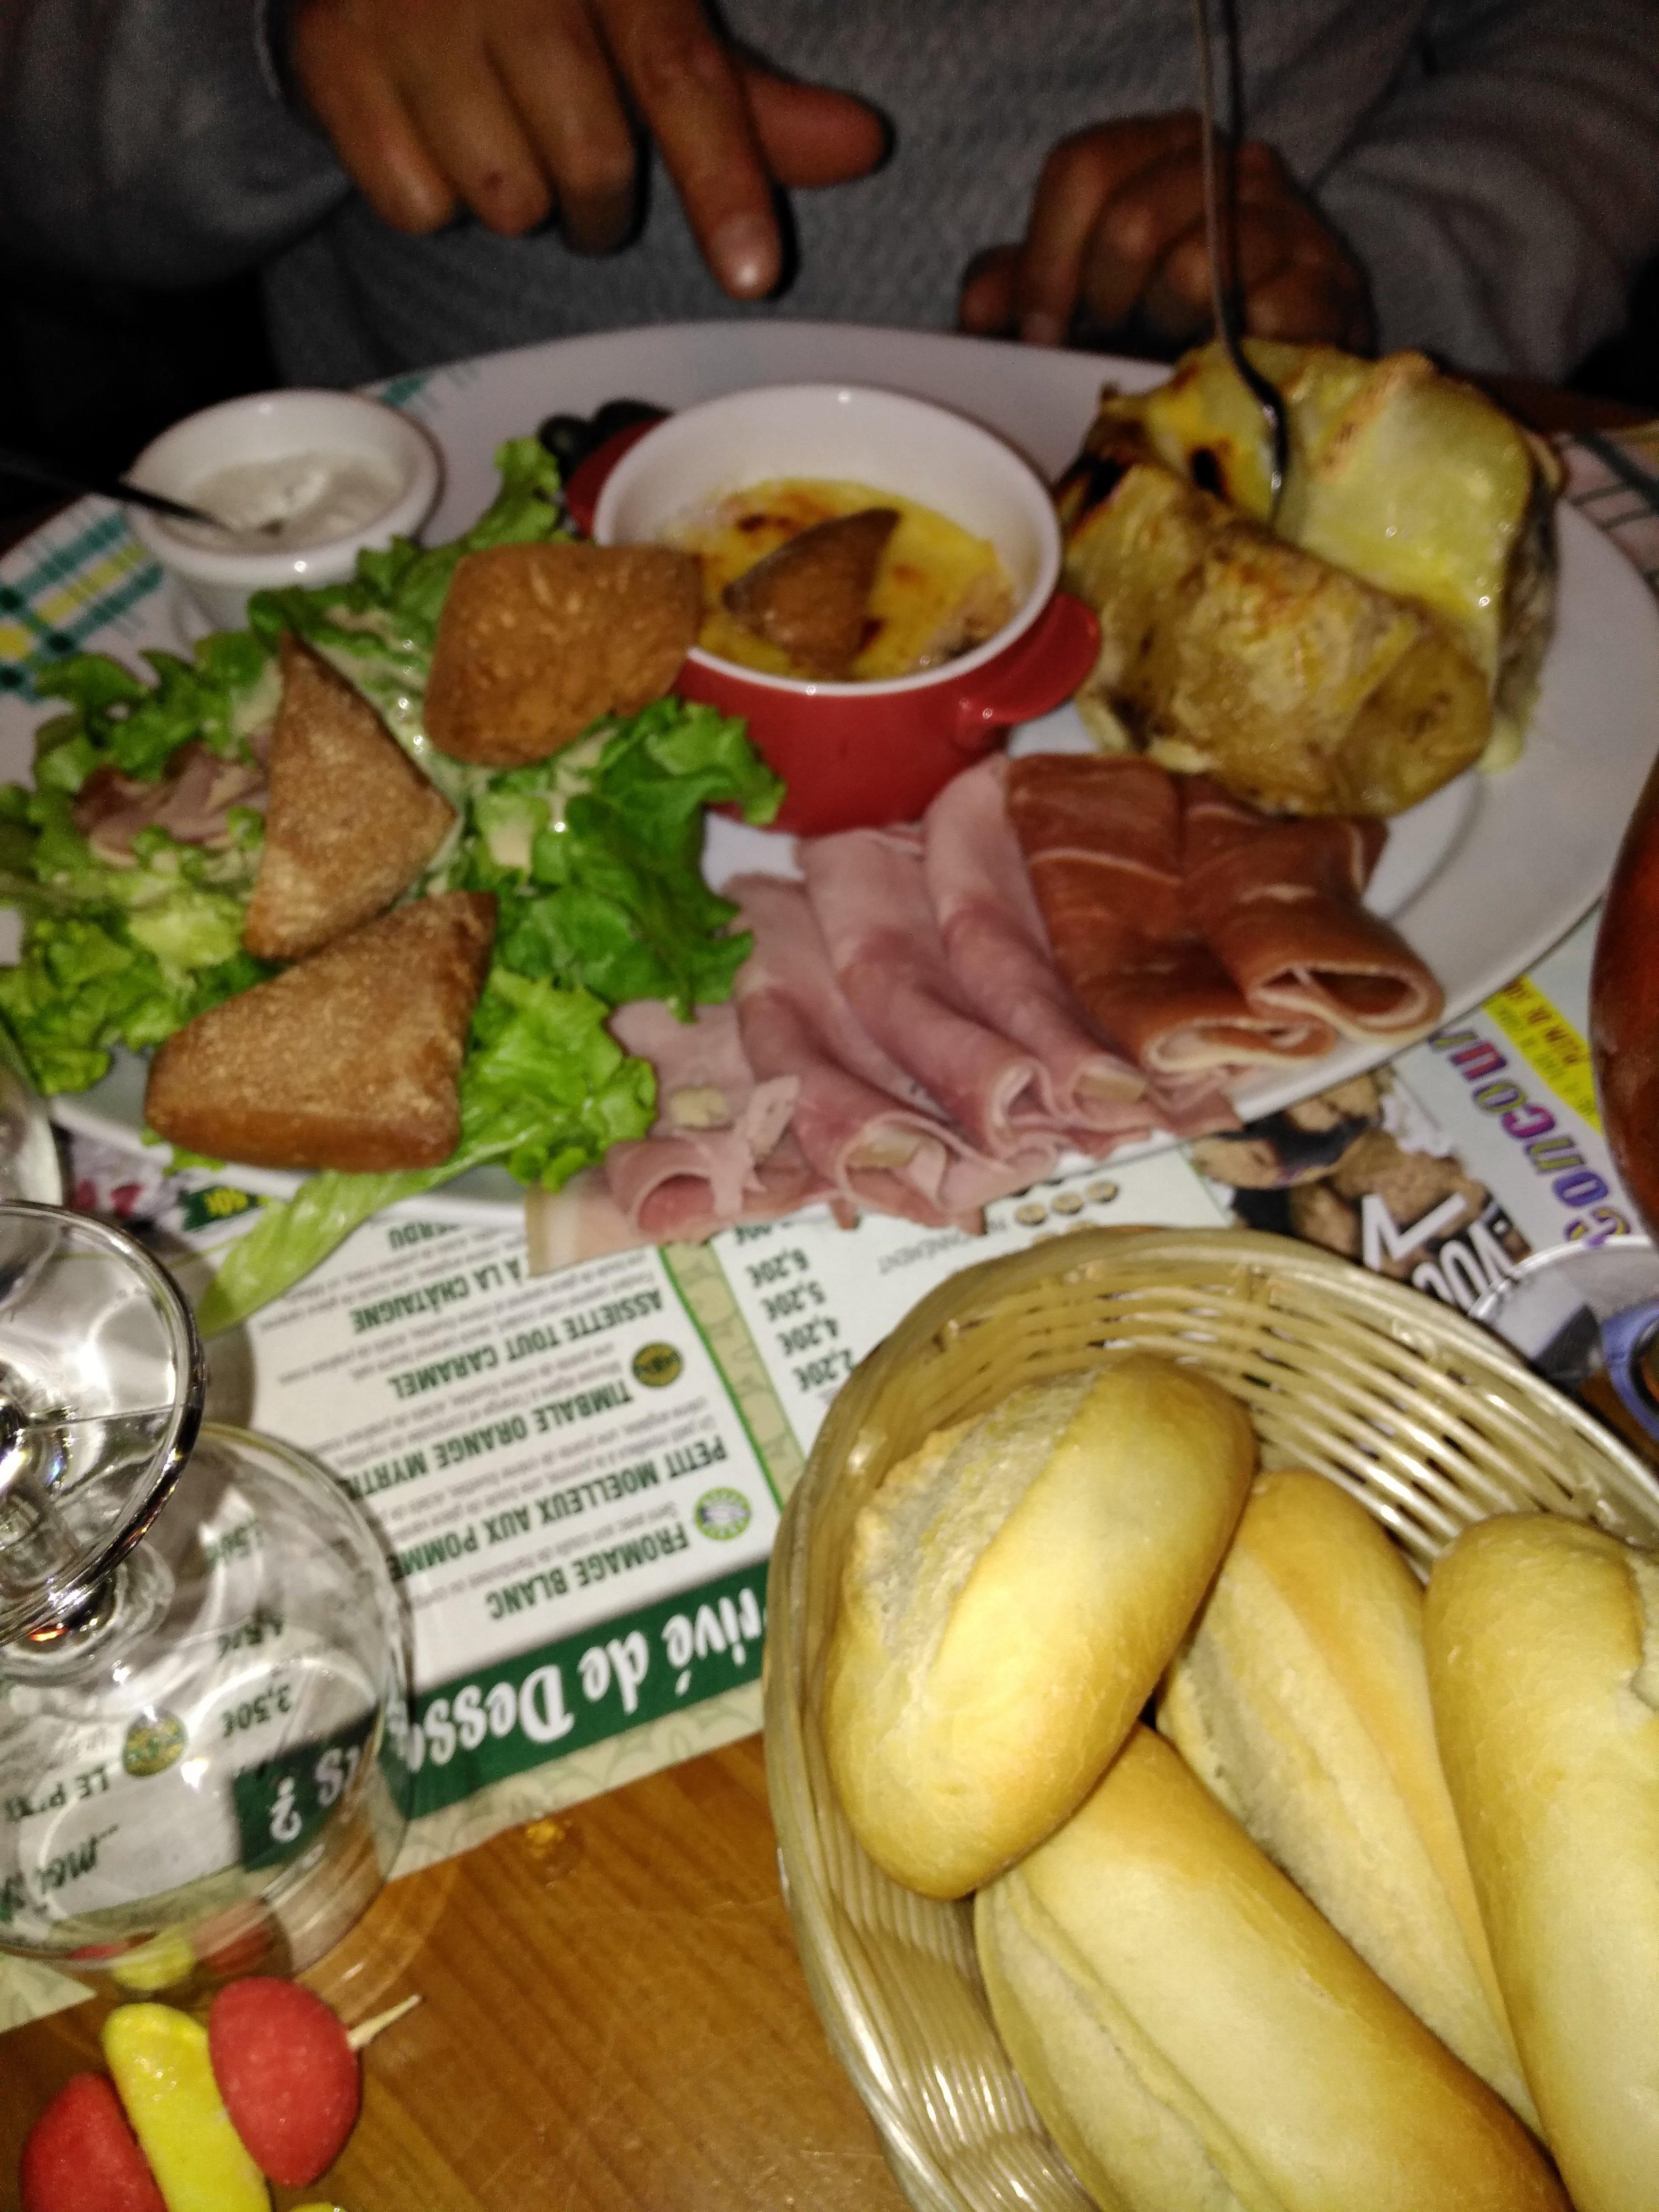 La Pataterie, La Ville Du Bois 16 Allee Saint Fiacre Restaurant Avis, Numéro de Téléphone  # Restaurant La Ville Du Bois